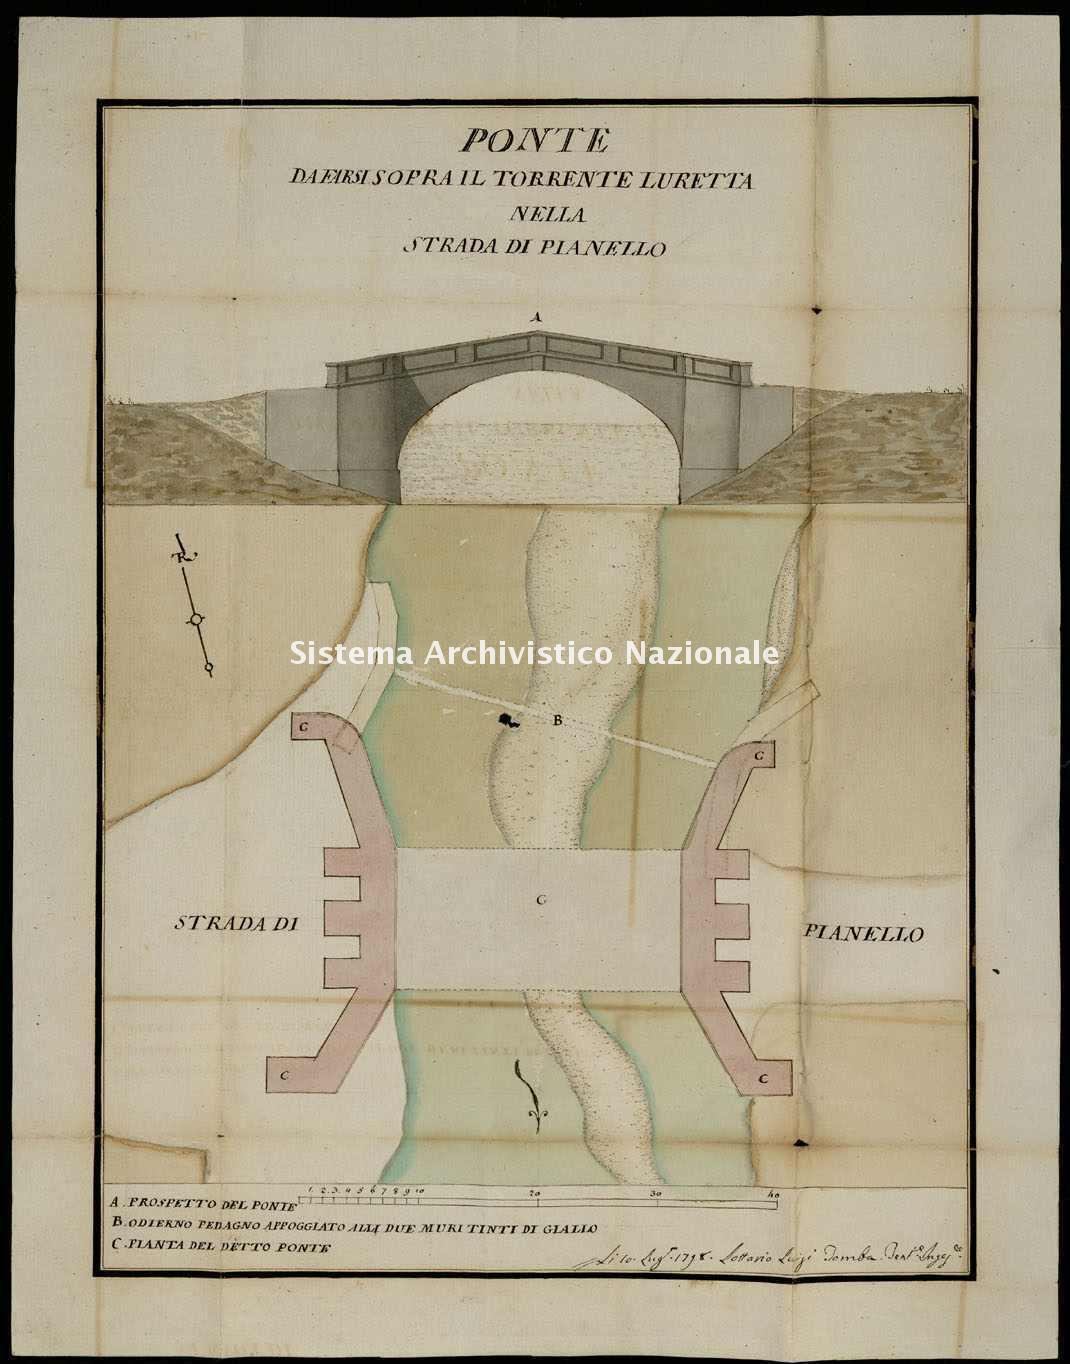 ASPc, Congregazione delle strade e dei ponti, b. 5, f. 1.